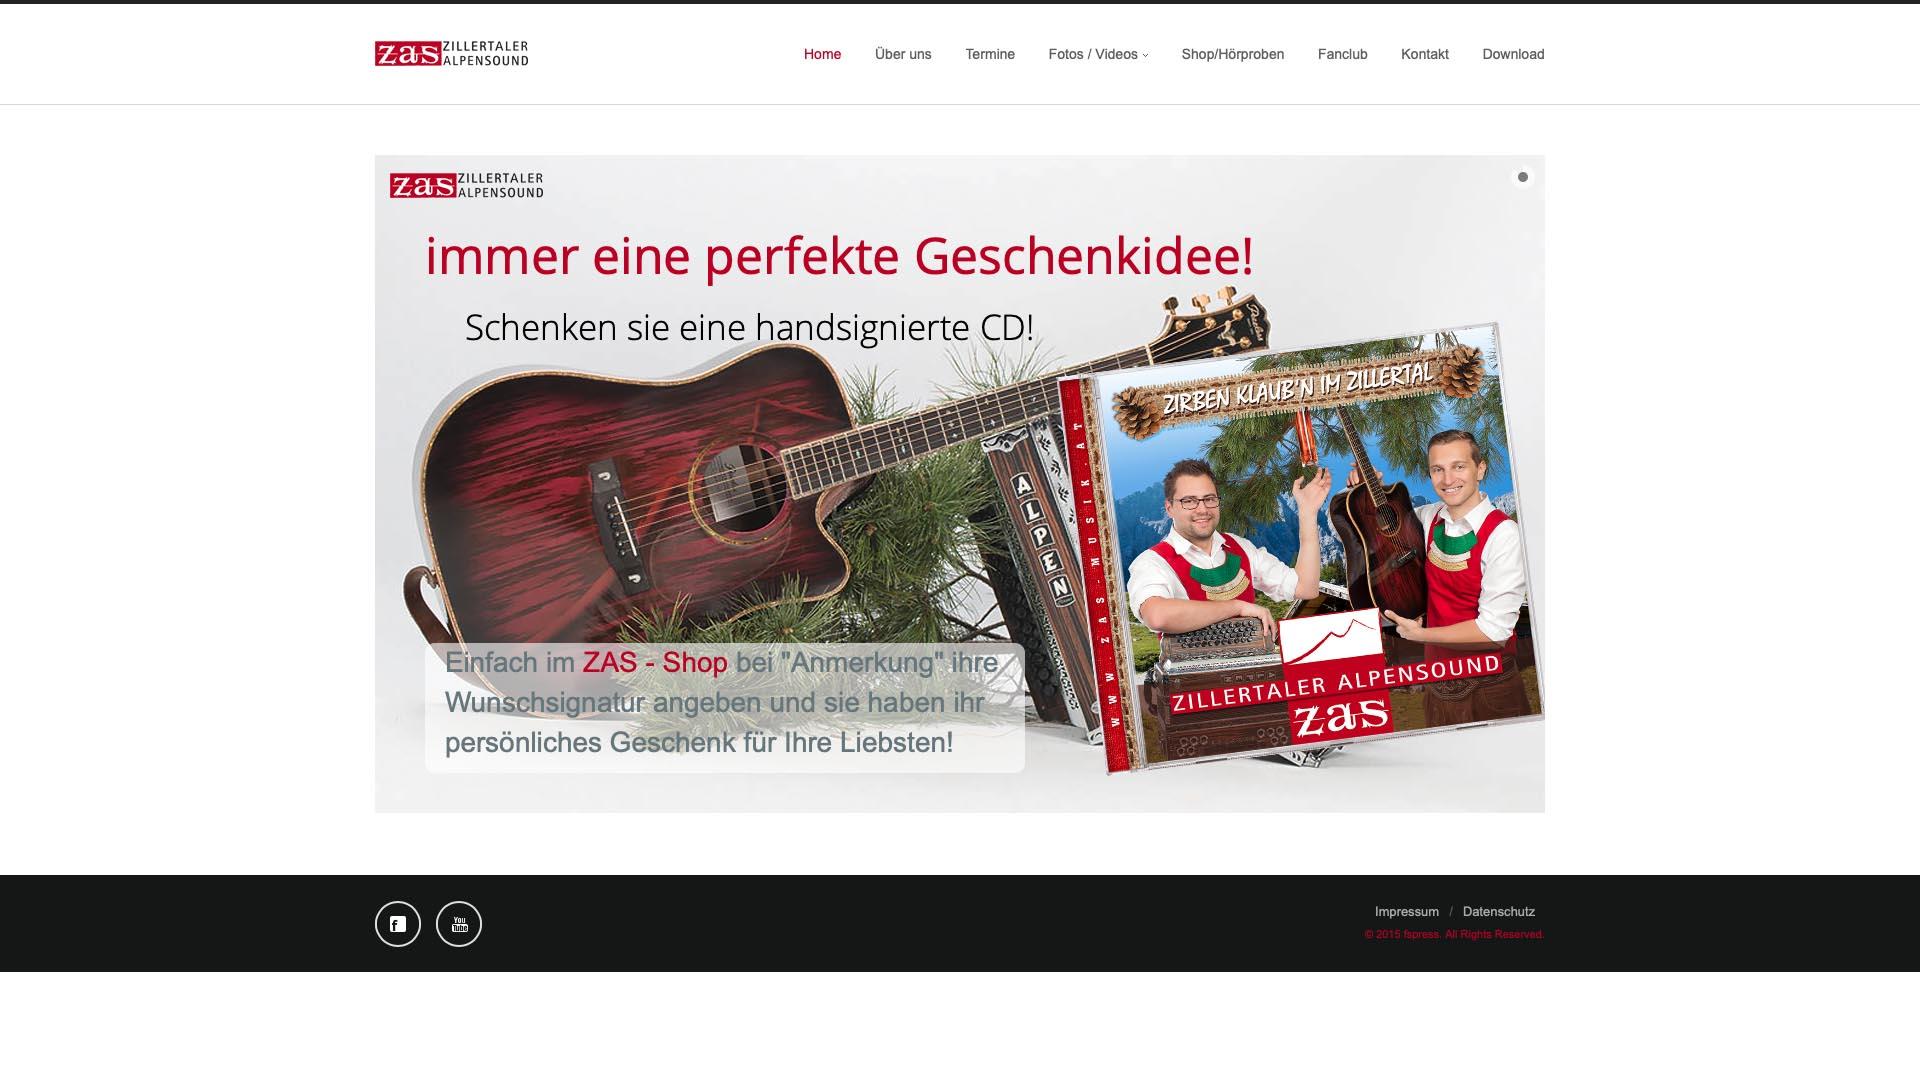 ZAS - Zillertaler Alpensound